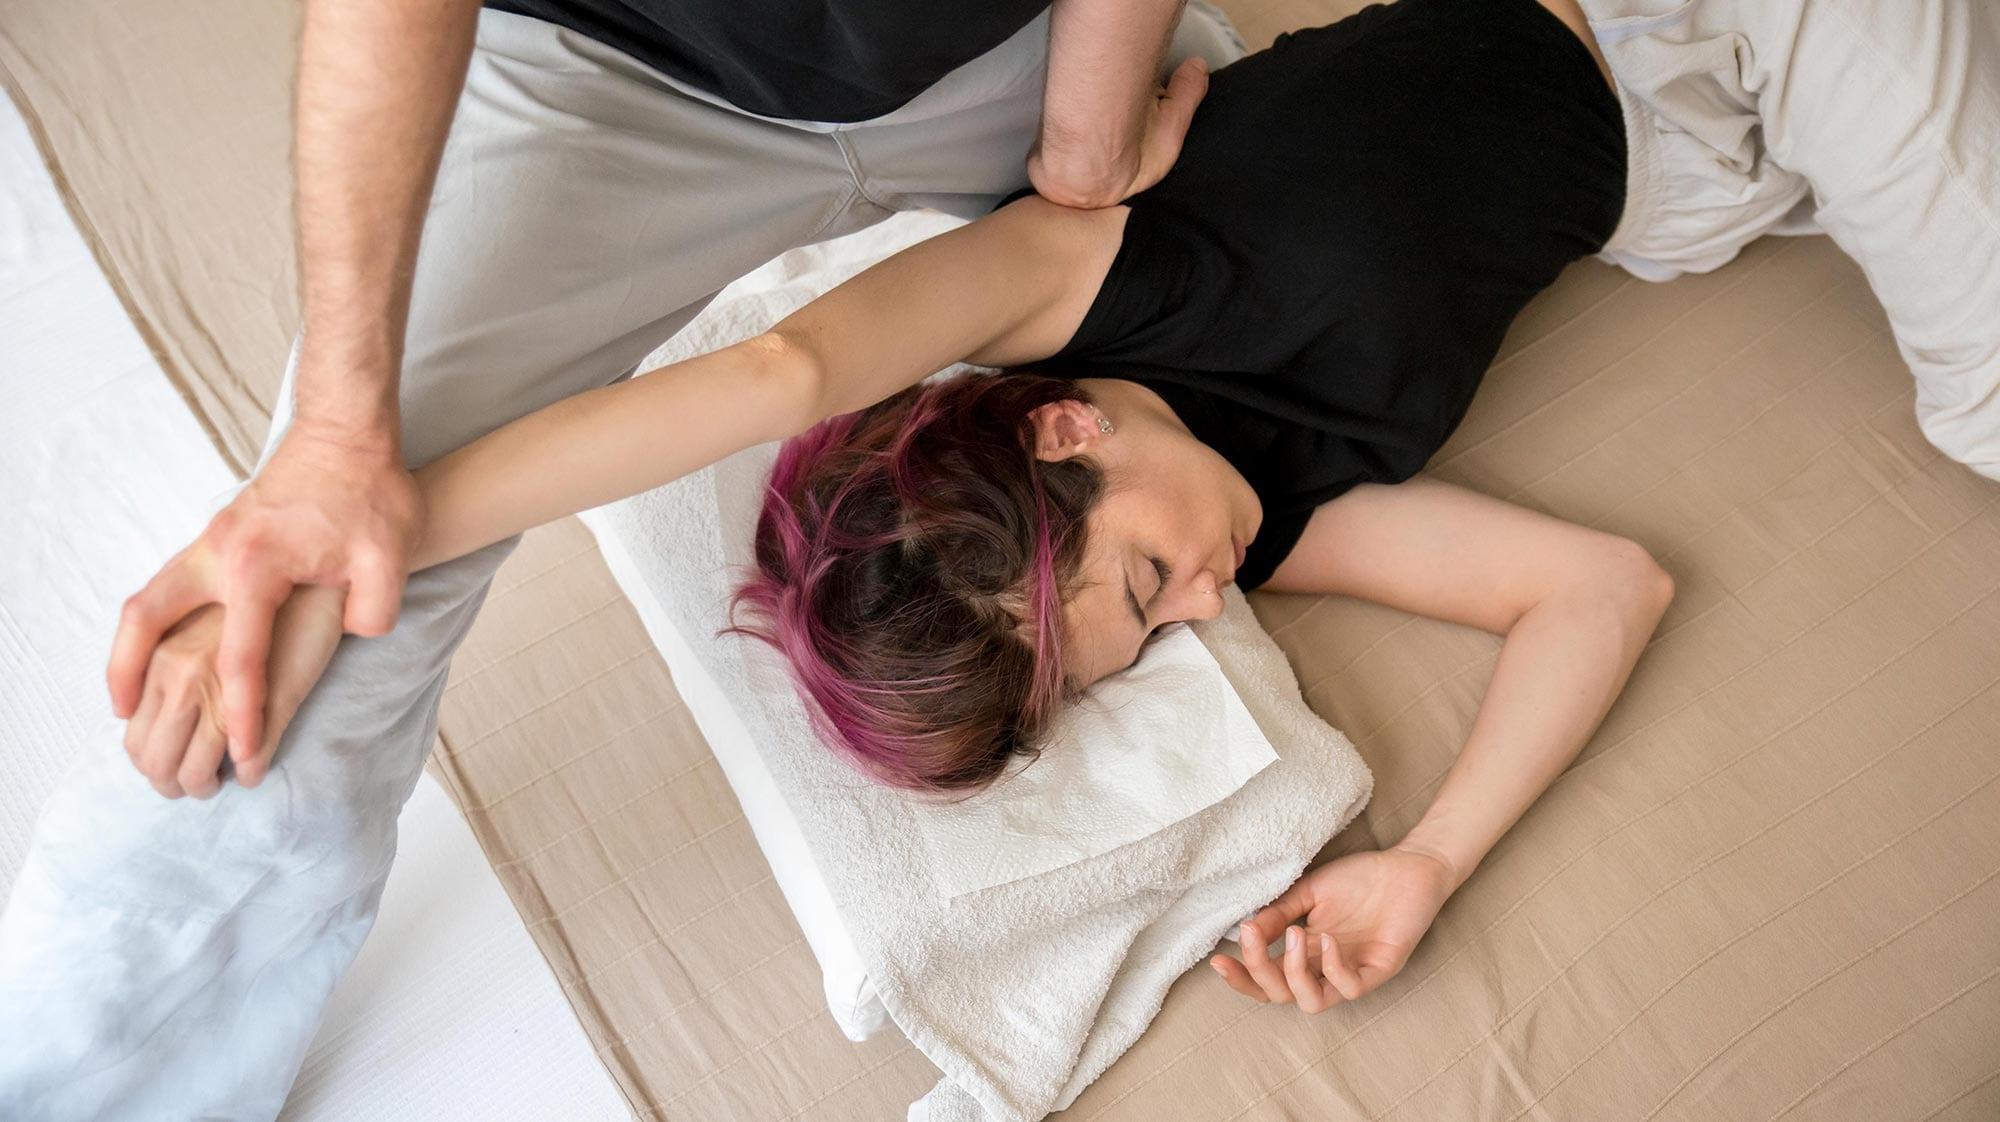 tečaj tajlandske masaže 2020/21